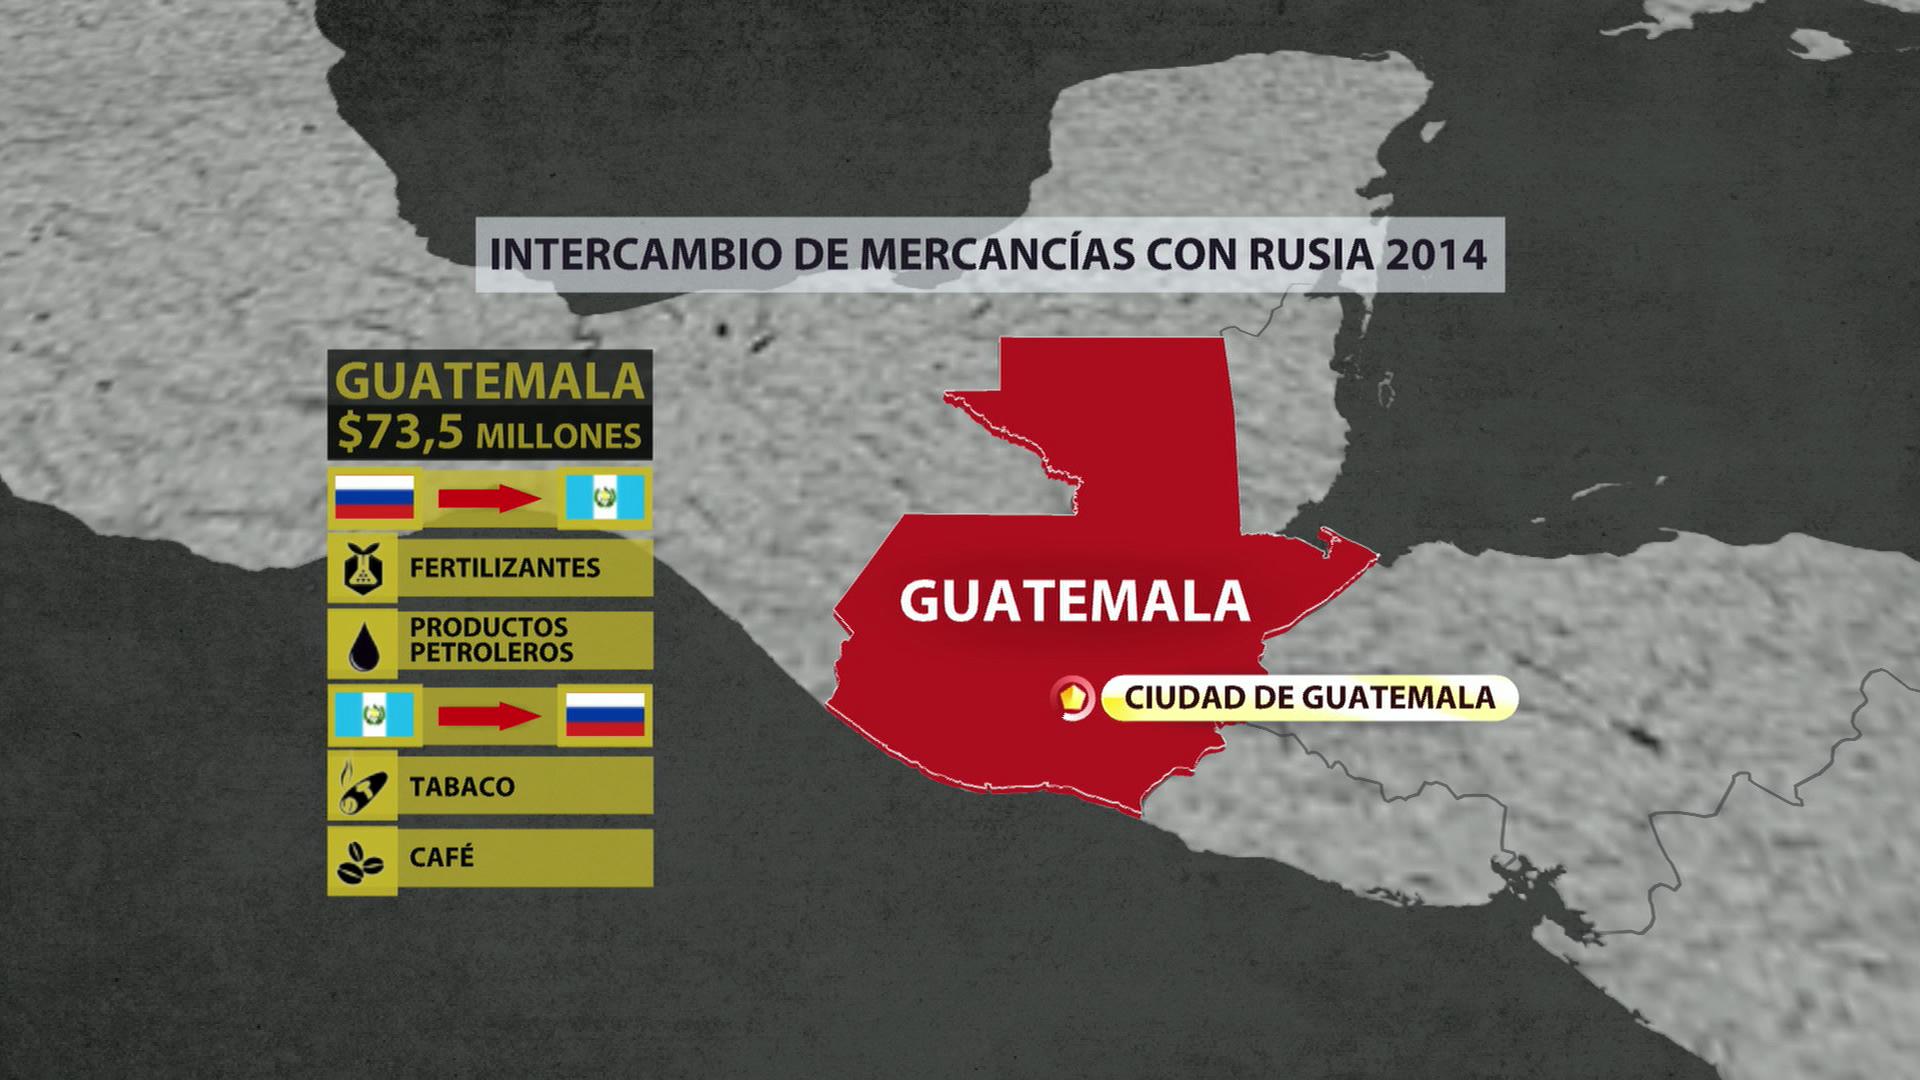 Guatemala. Intercambio de mercancías con Rusia